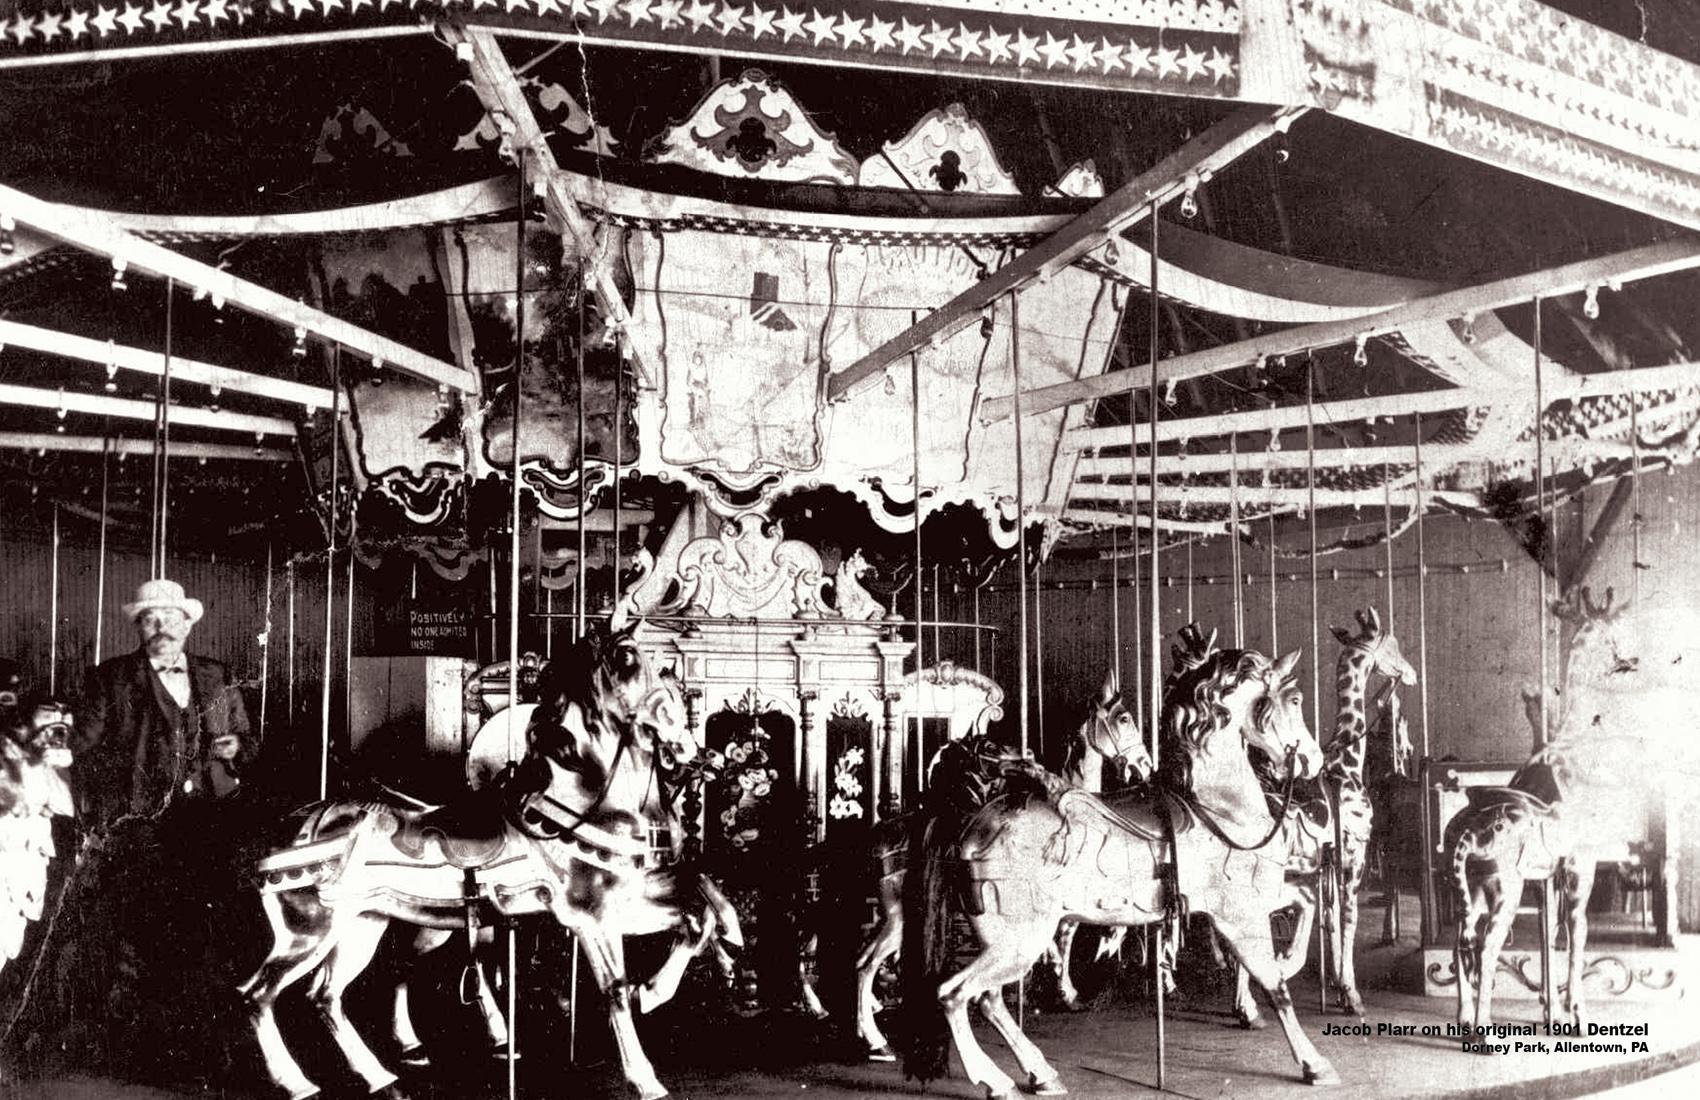 1904-Dentzel-carousel-Dorney-Park-PA-CNT-center-MAY-08